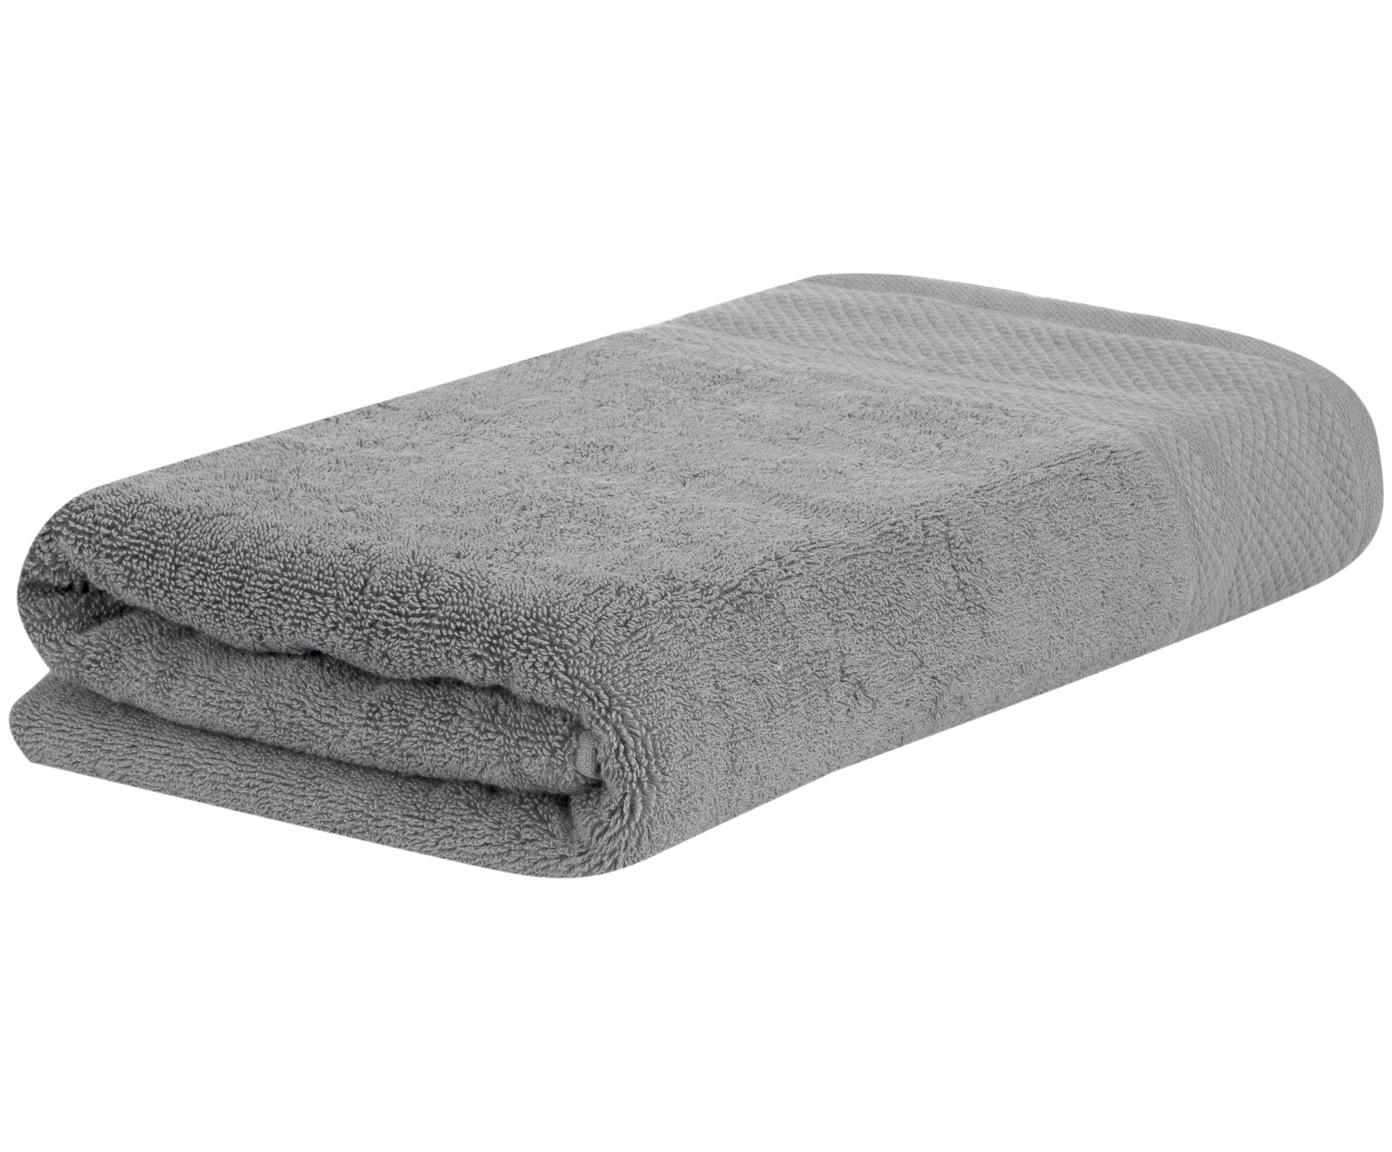 Handtuch Premium in verschiedenen Größen, mit klassischer Zierbordüre, Dunkelgrau, Badetuch